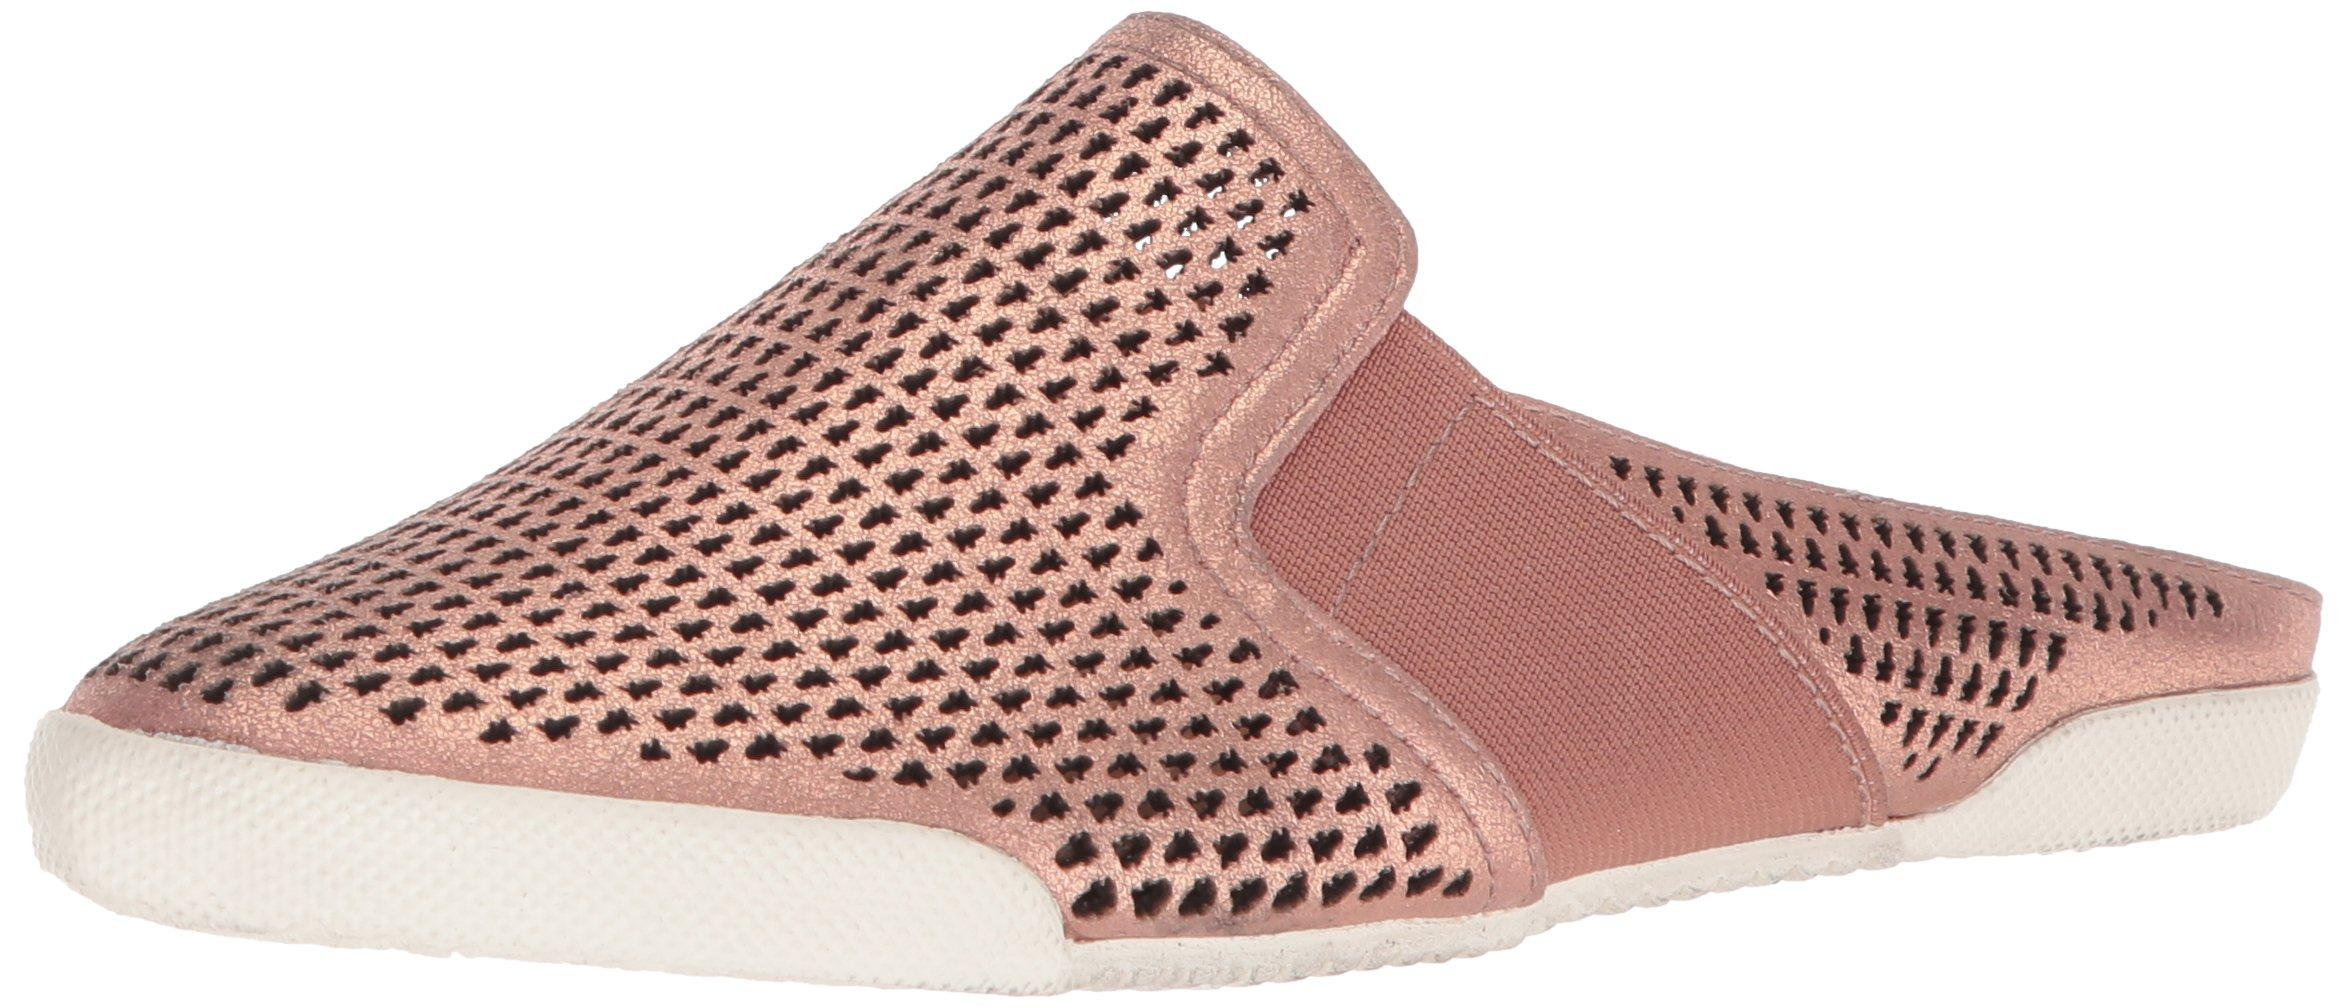 FRYE Women's Melanie Perf Mule Sneaker, Rose Gold, 10 M US